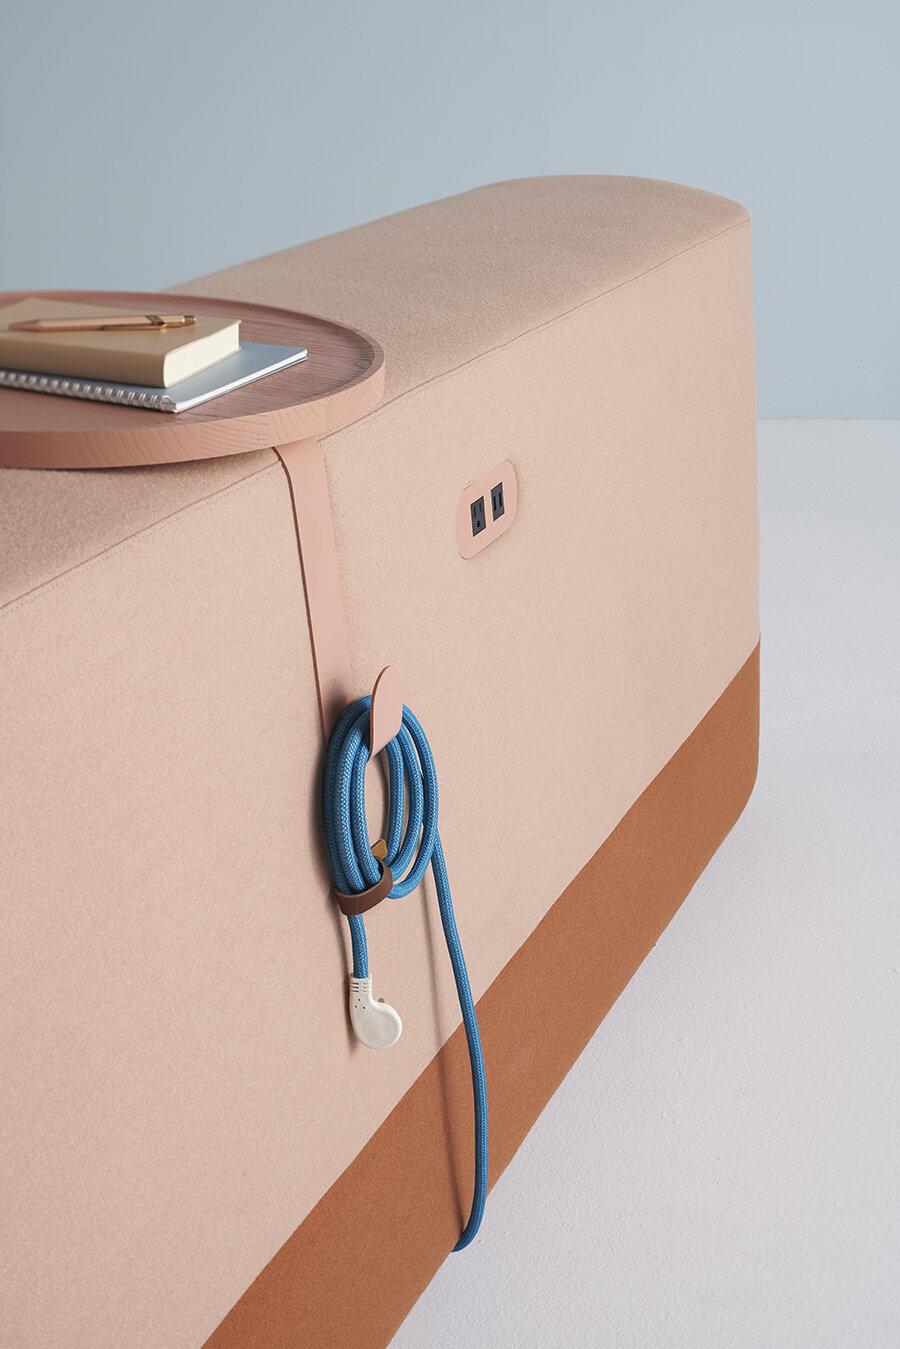 Elektrik girişli kolçak ve çalışma tableti                                      Kablo yoğunluğunu en aza indirmek için tasarlanmış, teknoloji ile uyumlu harika tasarım.